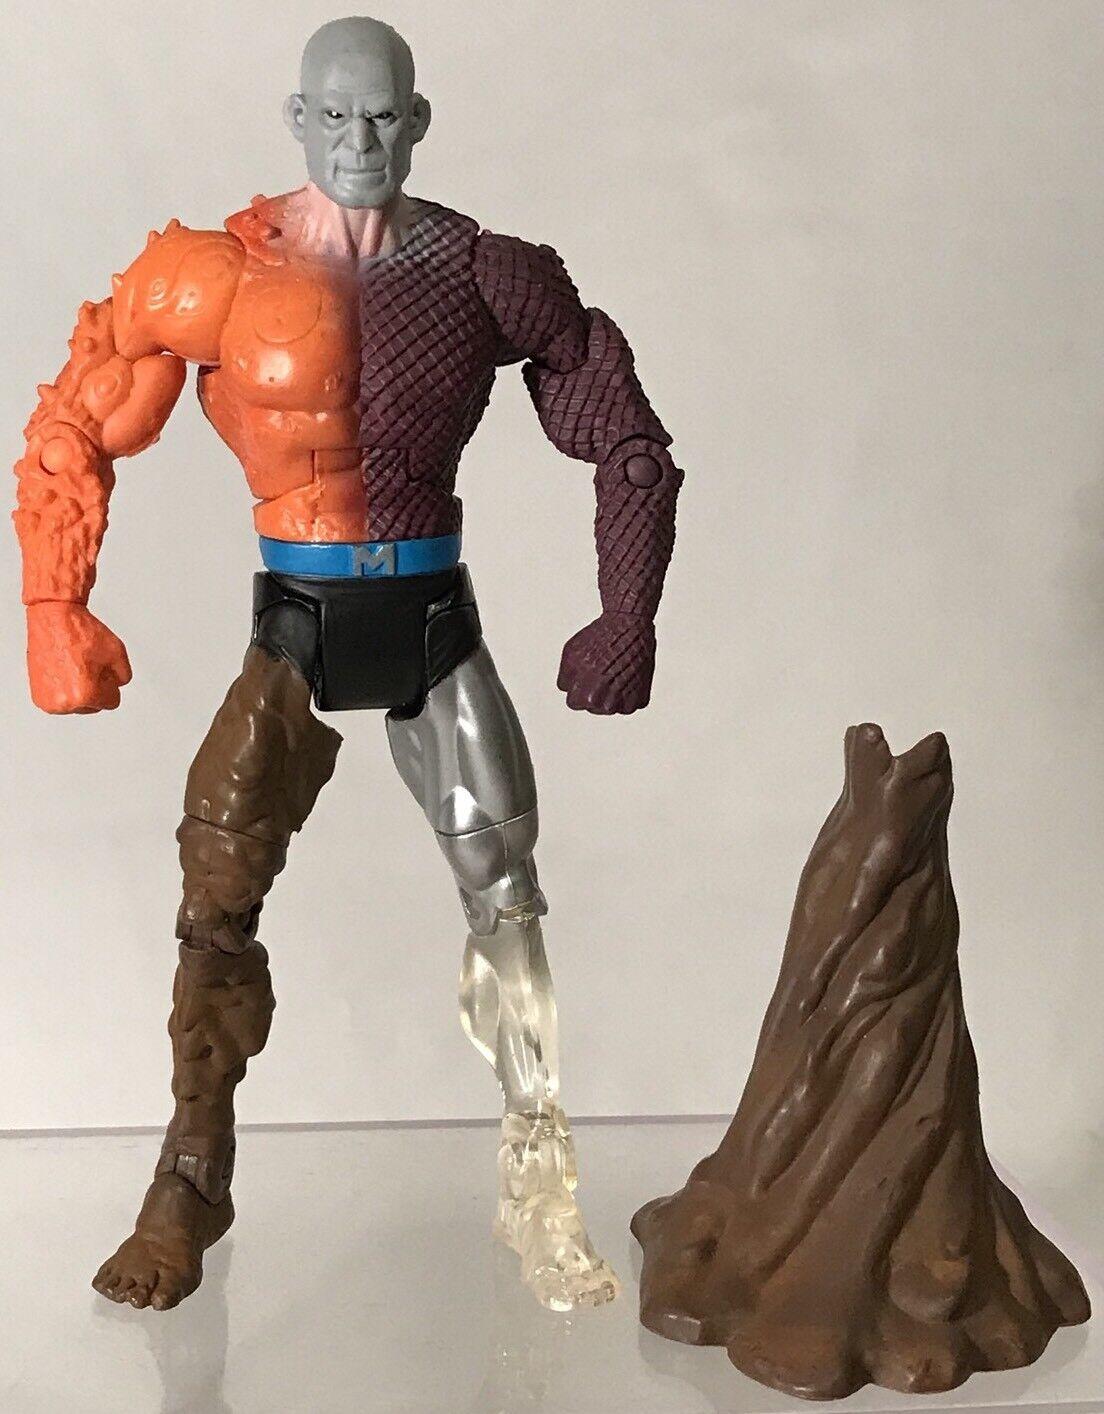 DC Universe classeeics Metamorpho BAF Near  completare DCUC 6  cifra Wave Series 1  ordina ora goditi un grande sconto